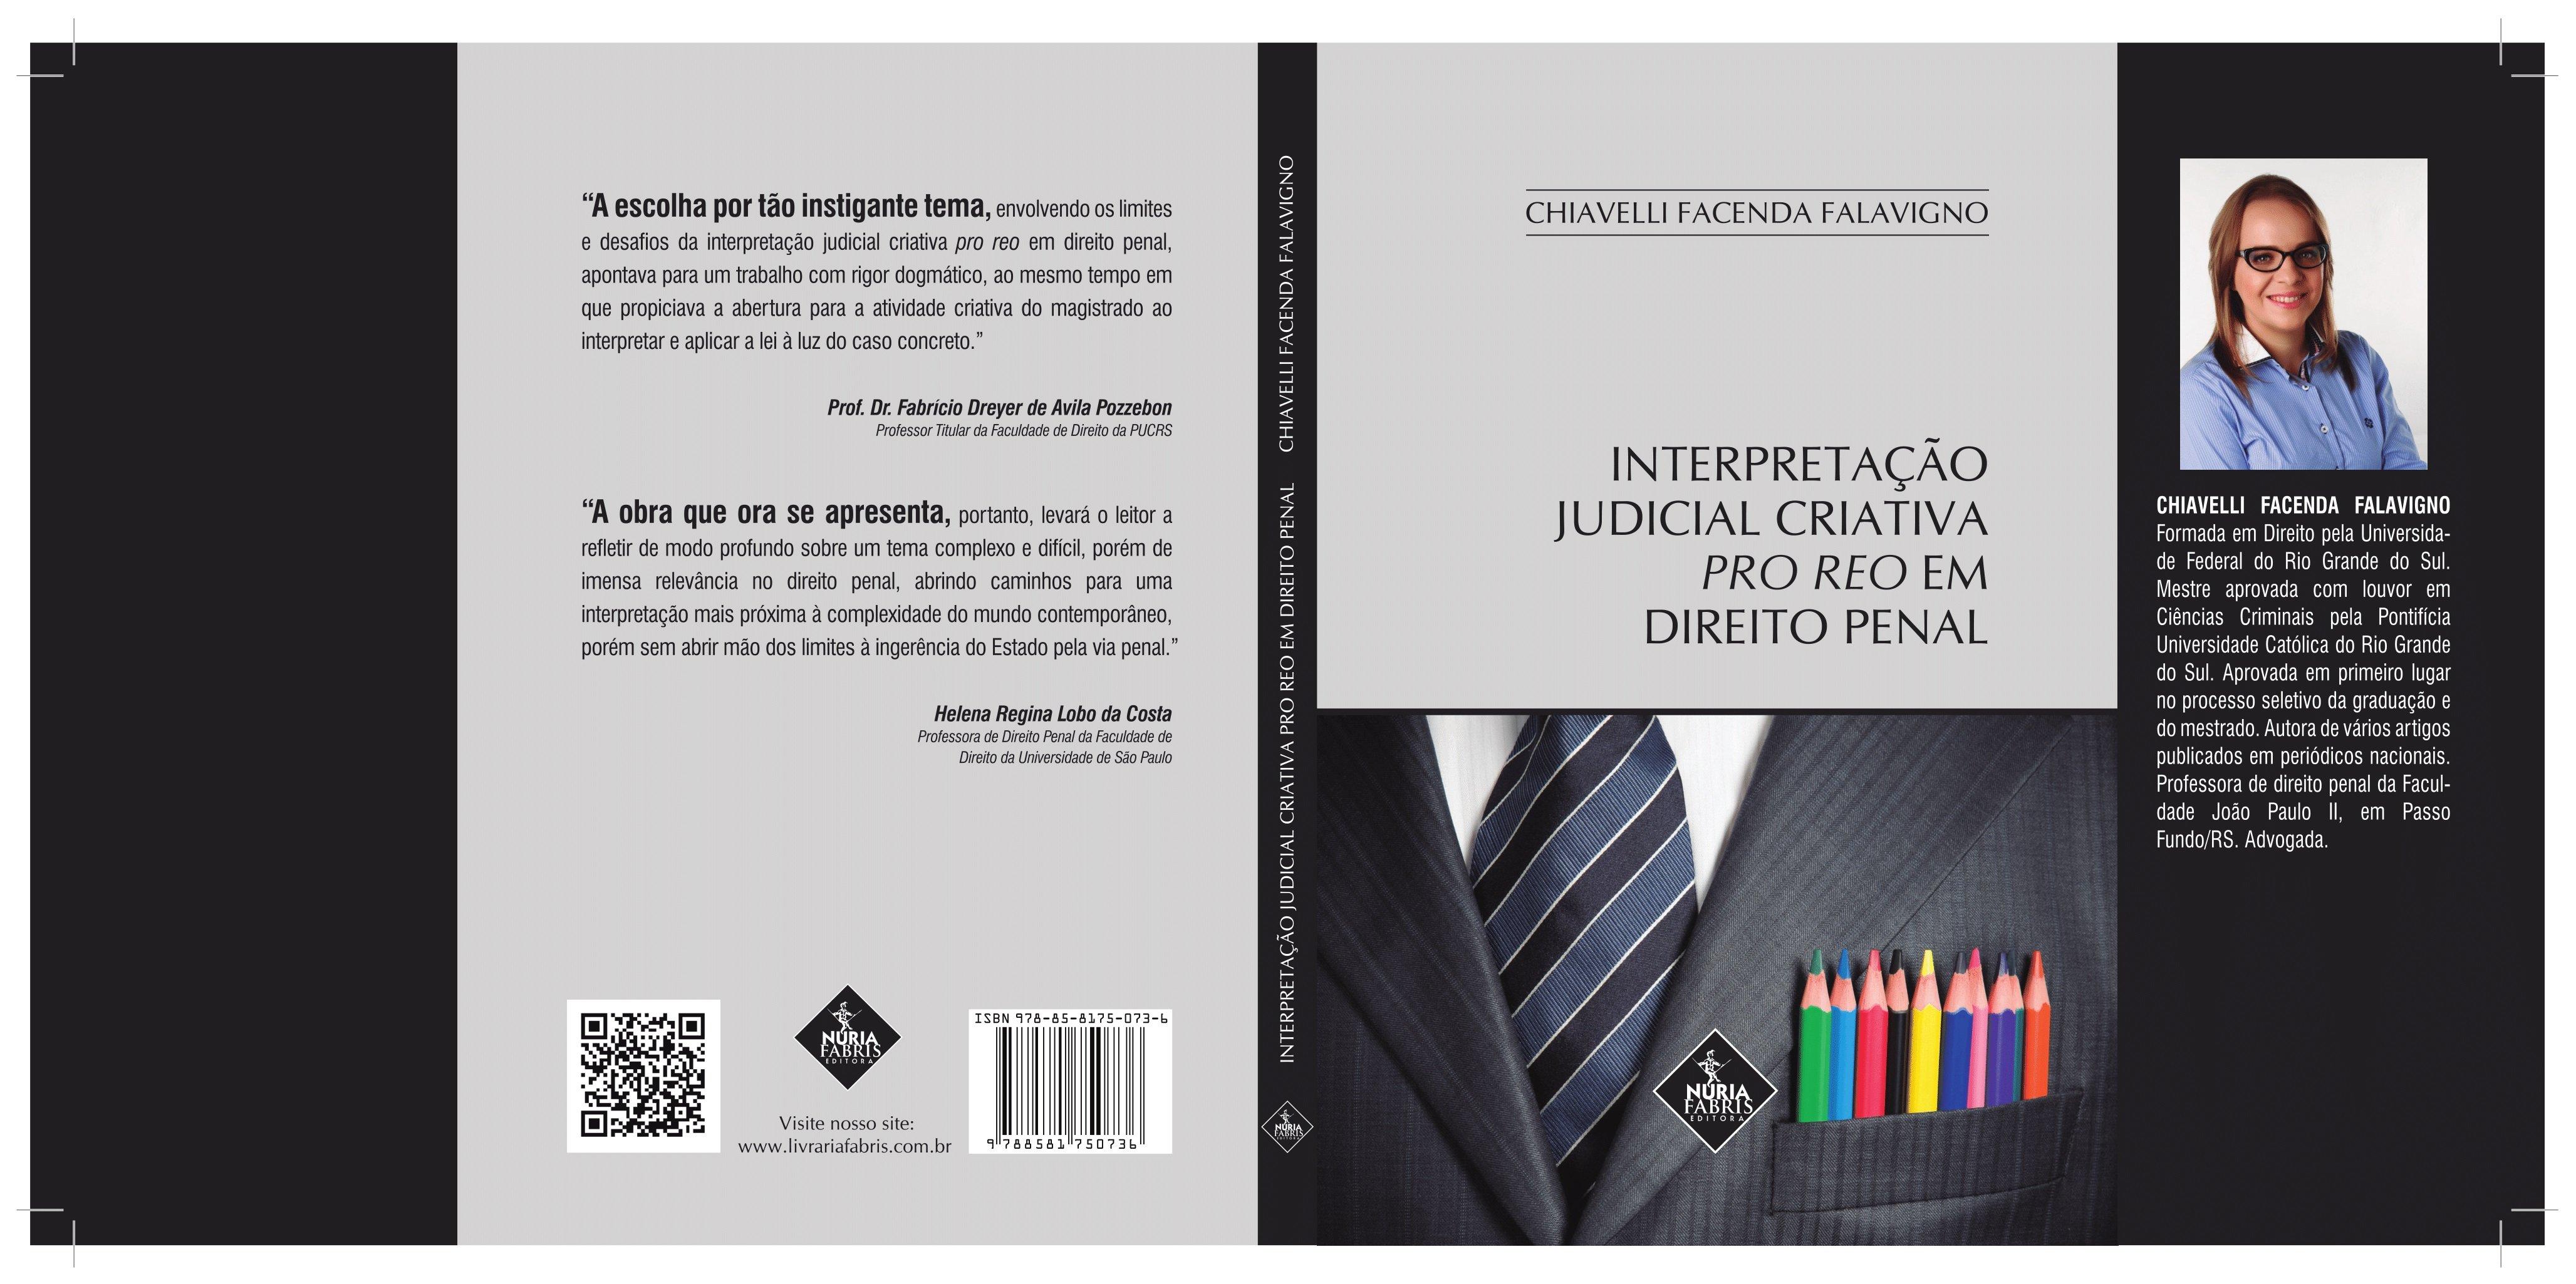 Resenha – Interpretação Judicial Criativa Pro Reo em Direito Penal